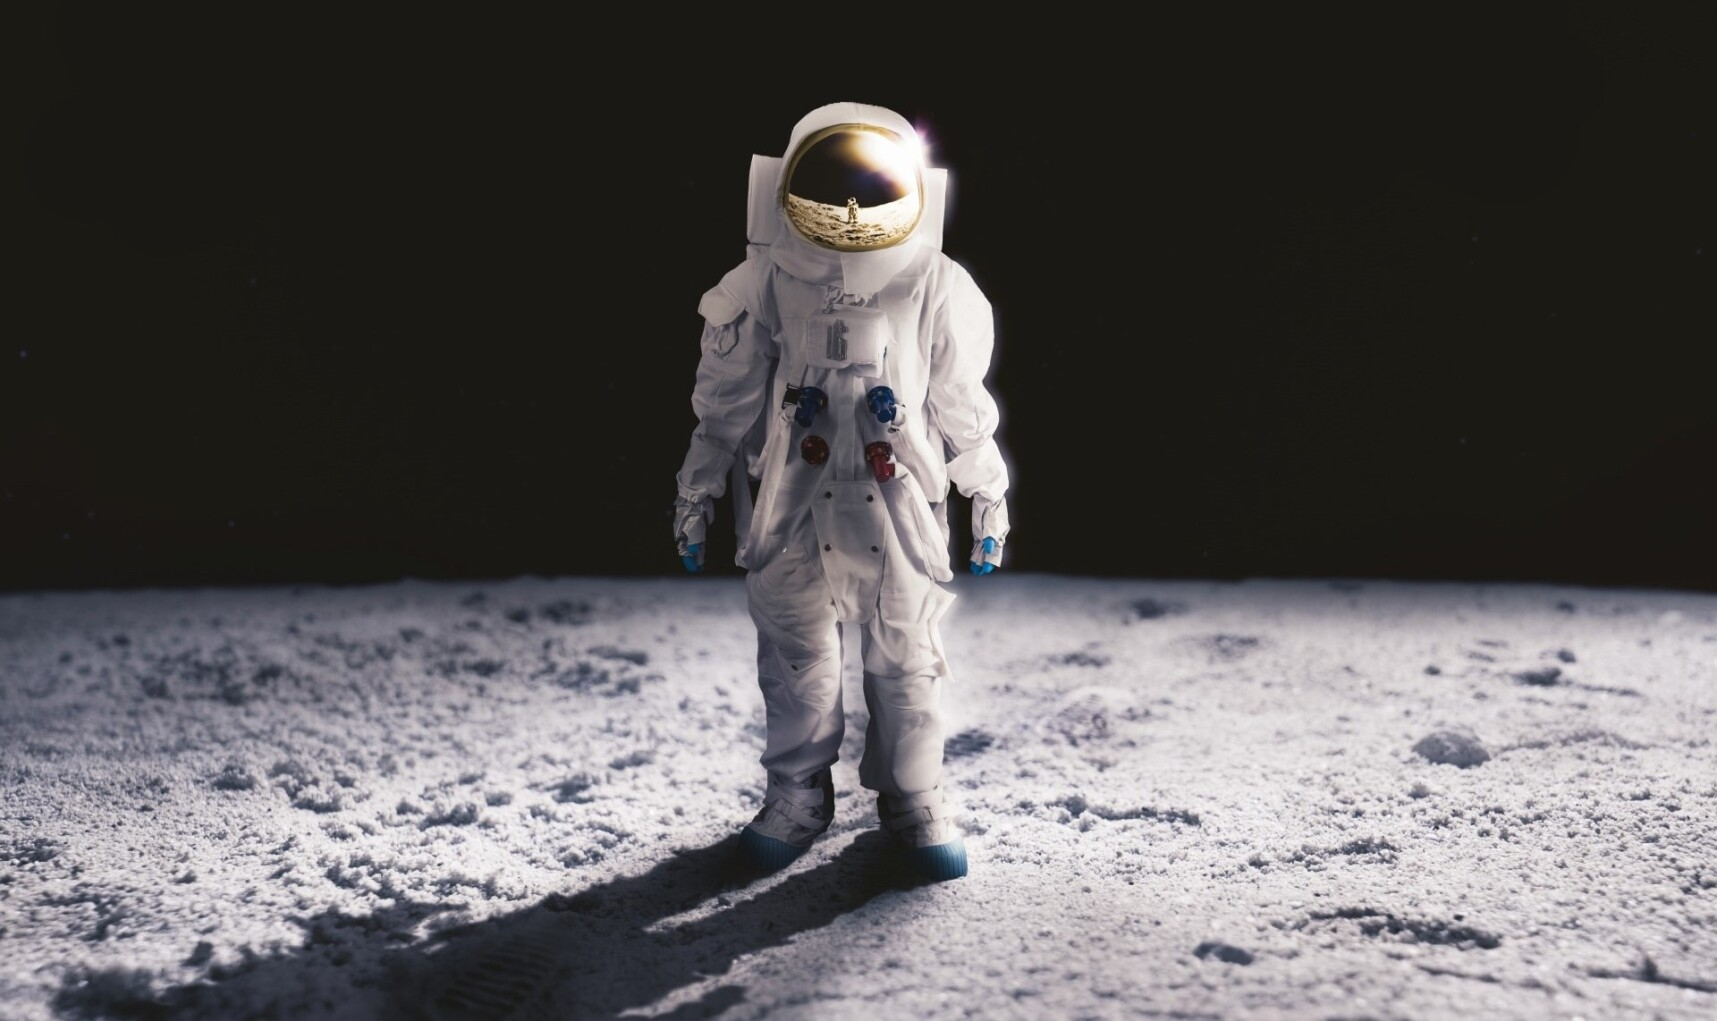 moonshot cropped 3.jpg